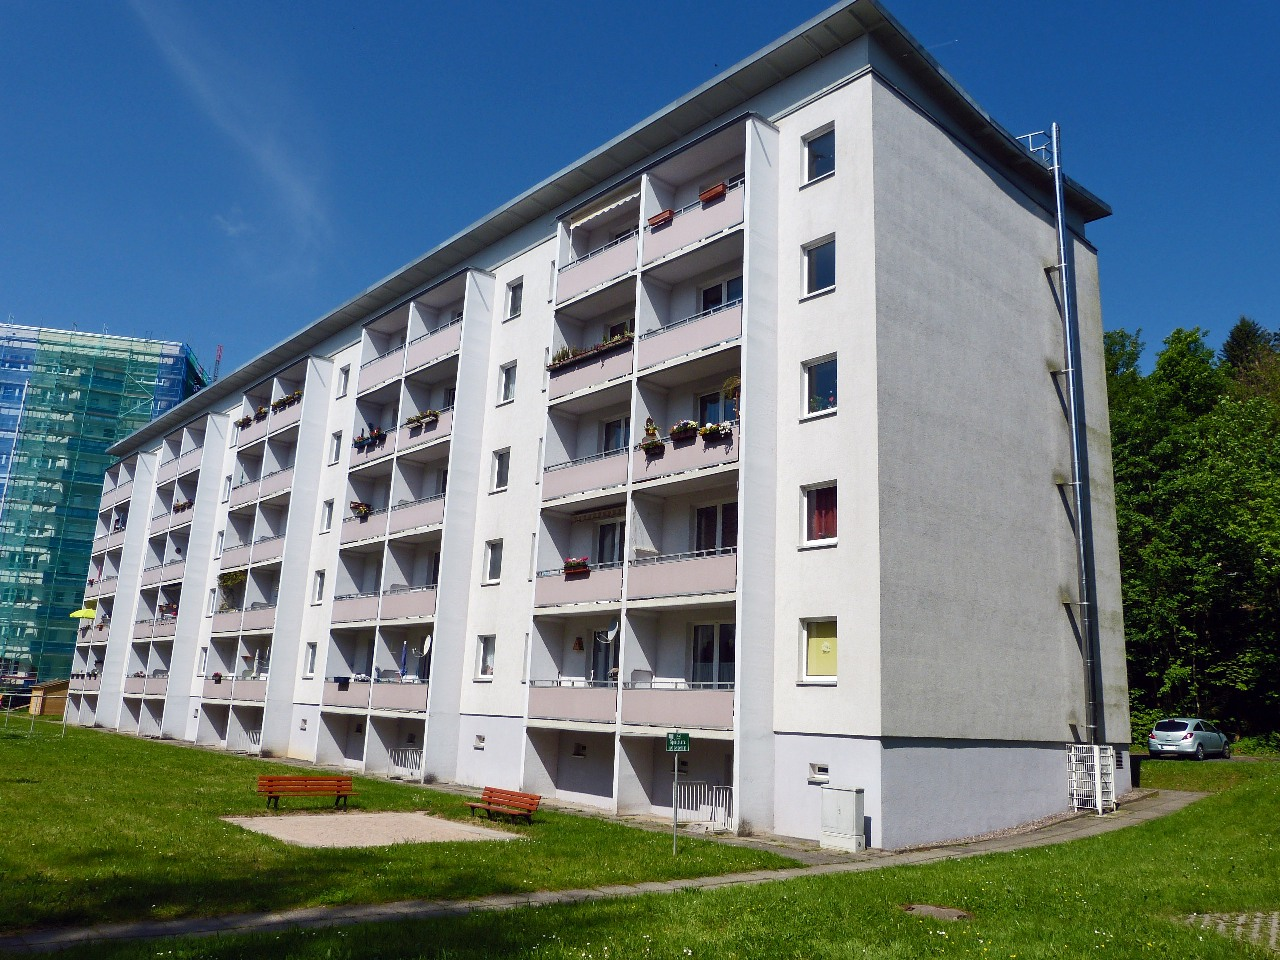 3-Raum-Wohnung in ruhiger Lage und herrlichem Ausblick